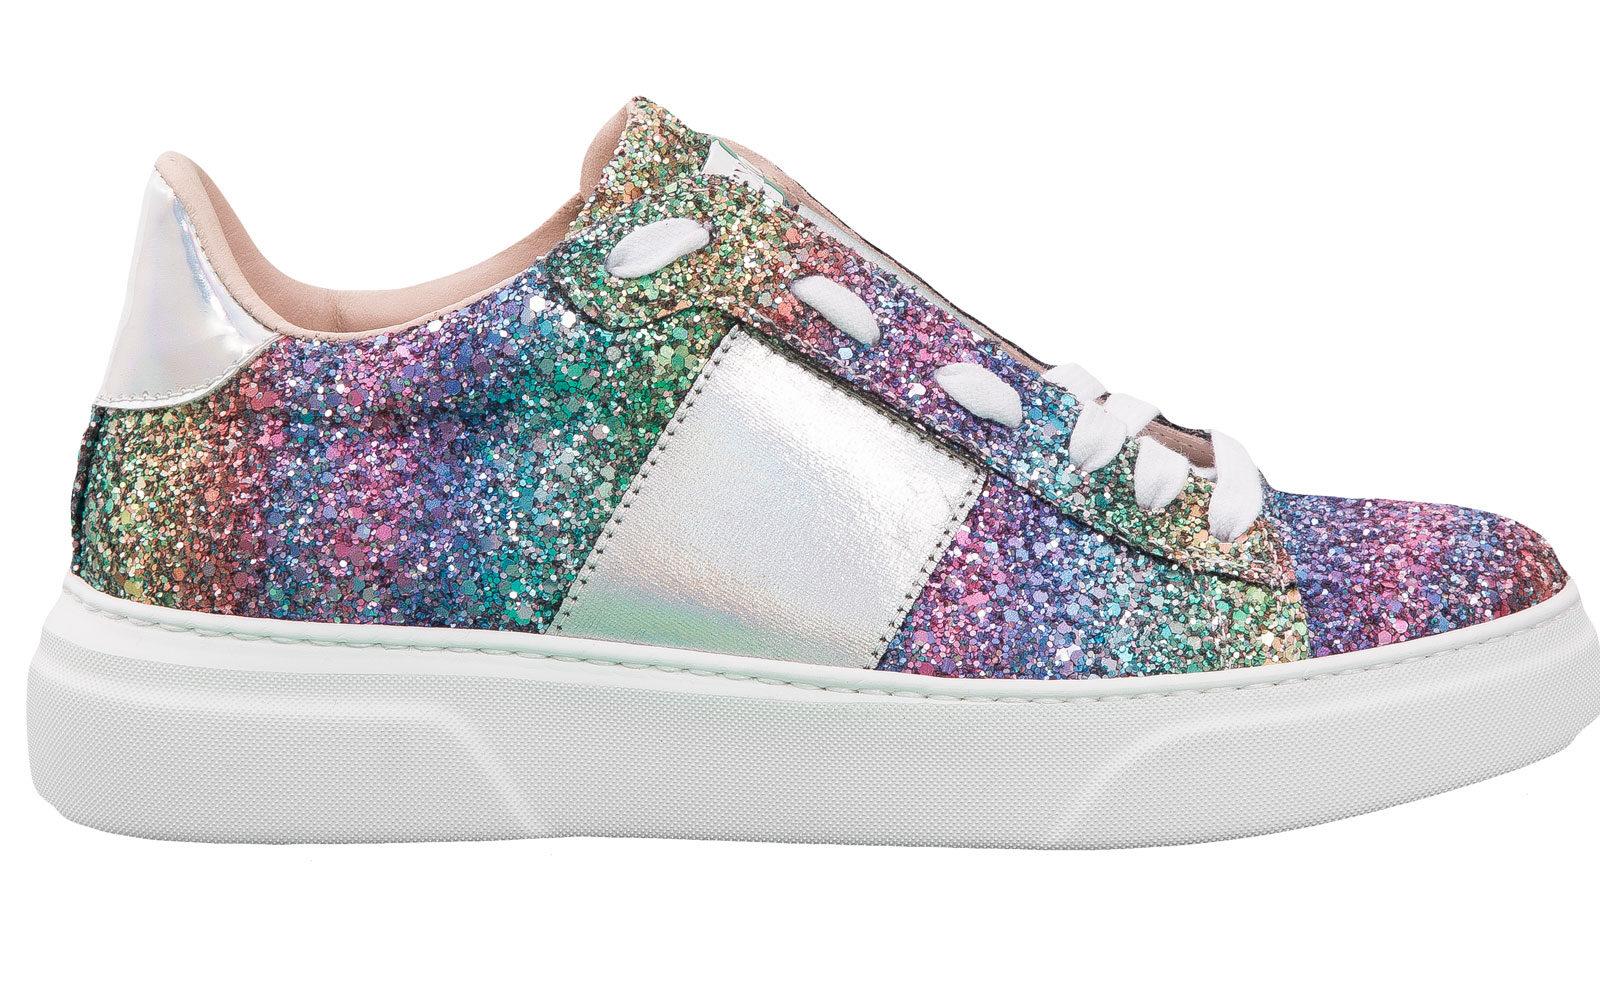 STOKTON sneakers glitter 189 euro www.stokton.it